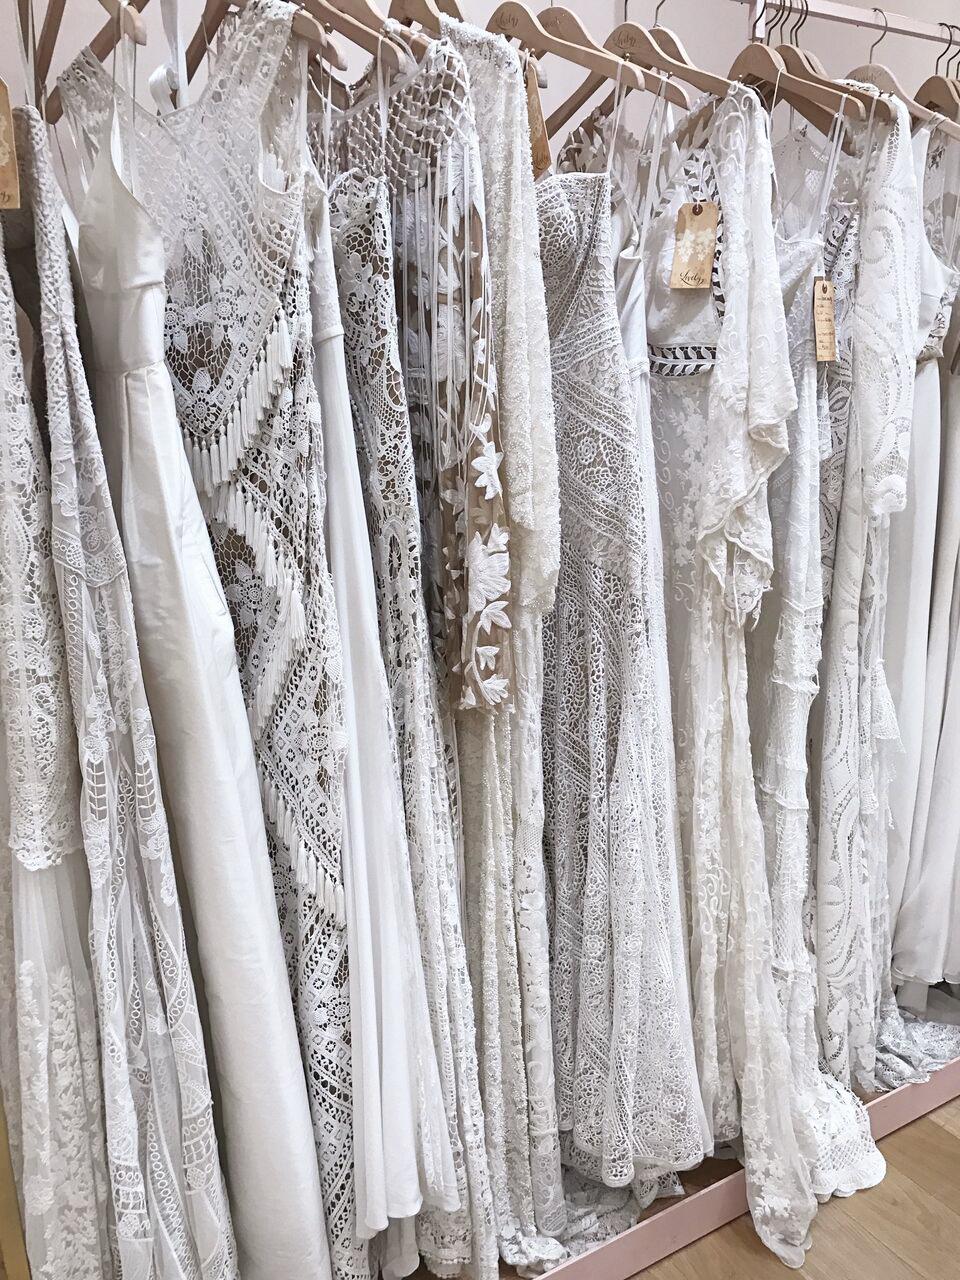 bridal dresses on rack